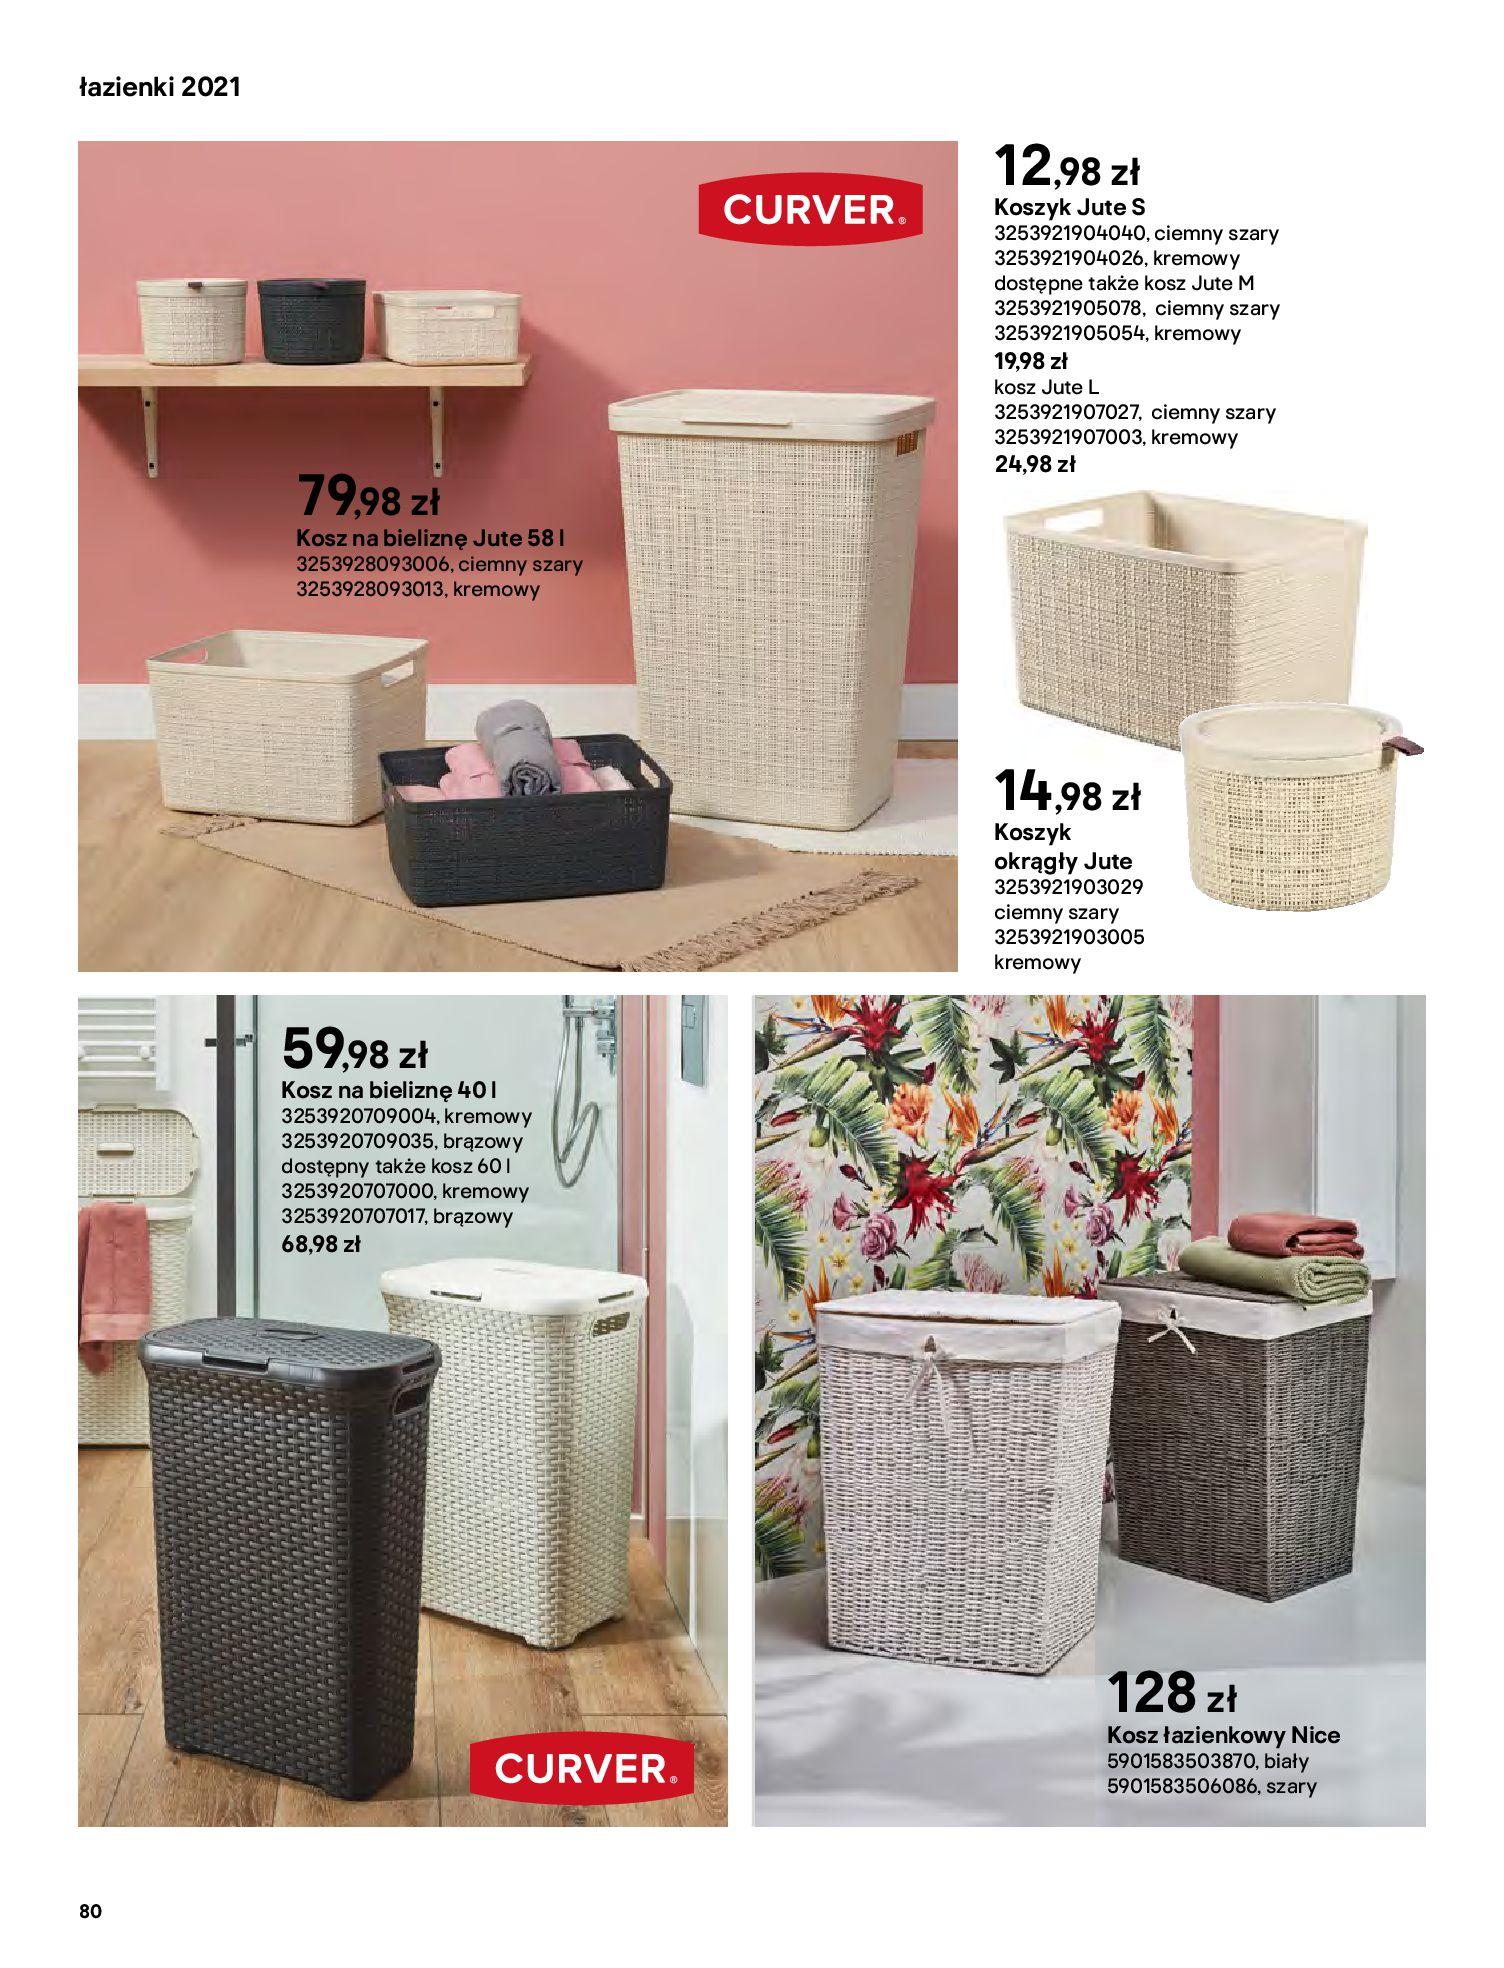 Gazetka Castorama: Gazetka Castorama - katalog łazienki 2021 2021-06-16 page-80